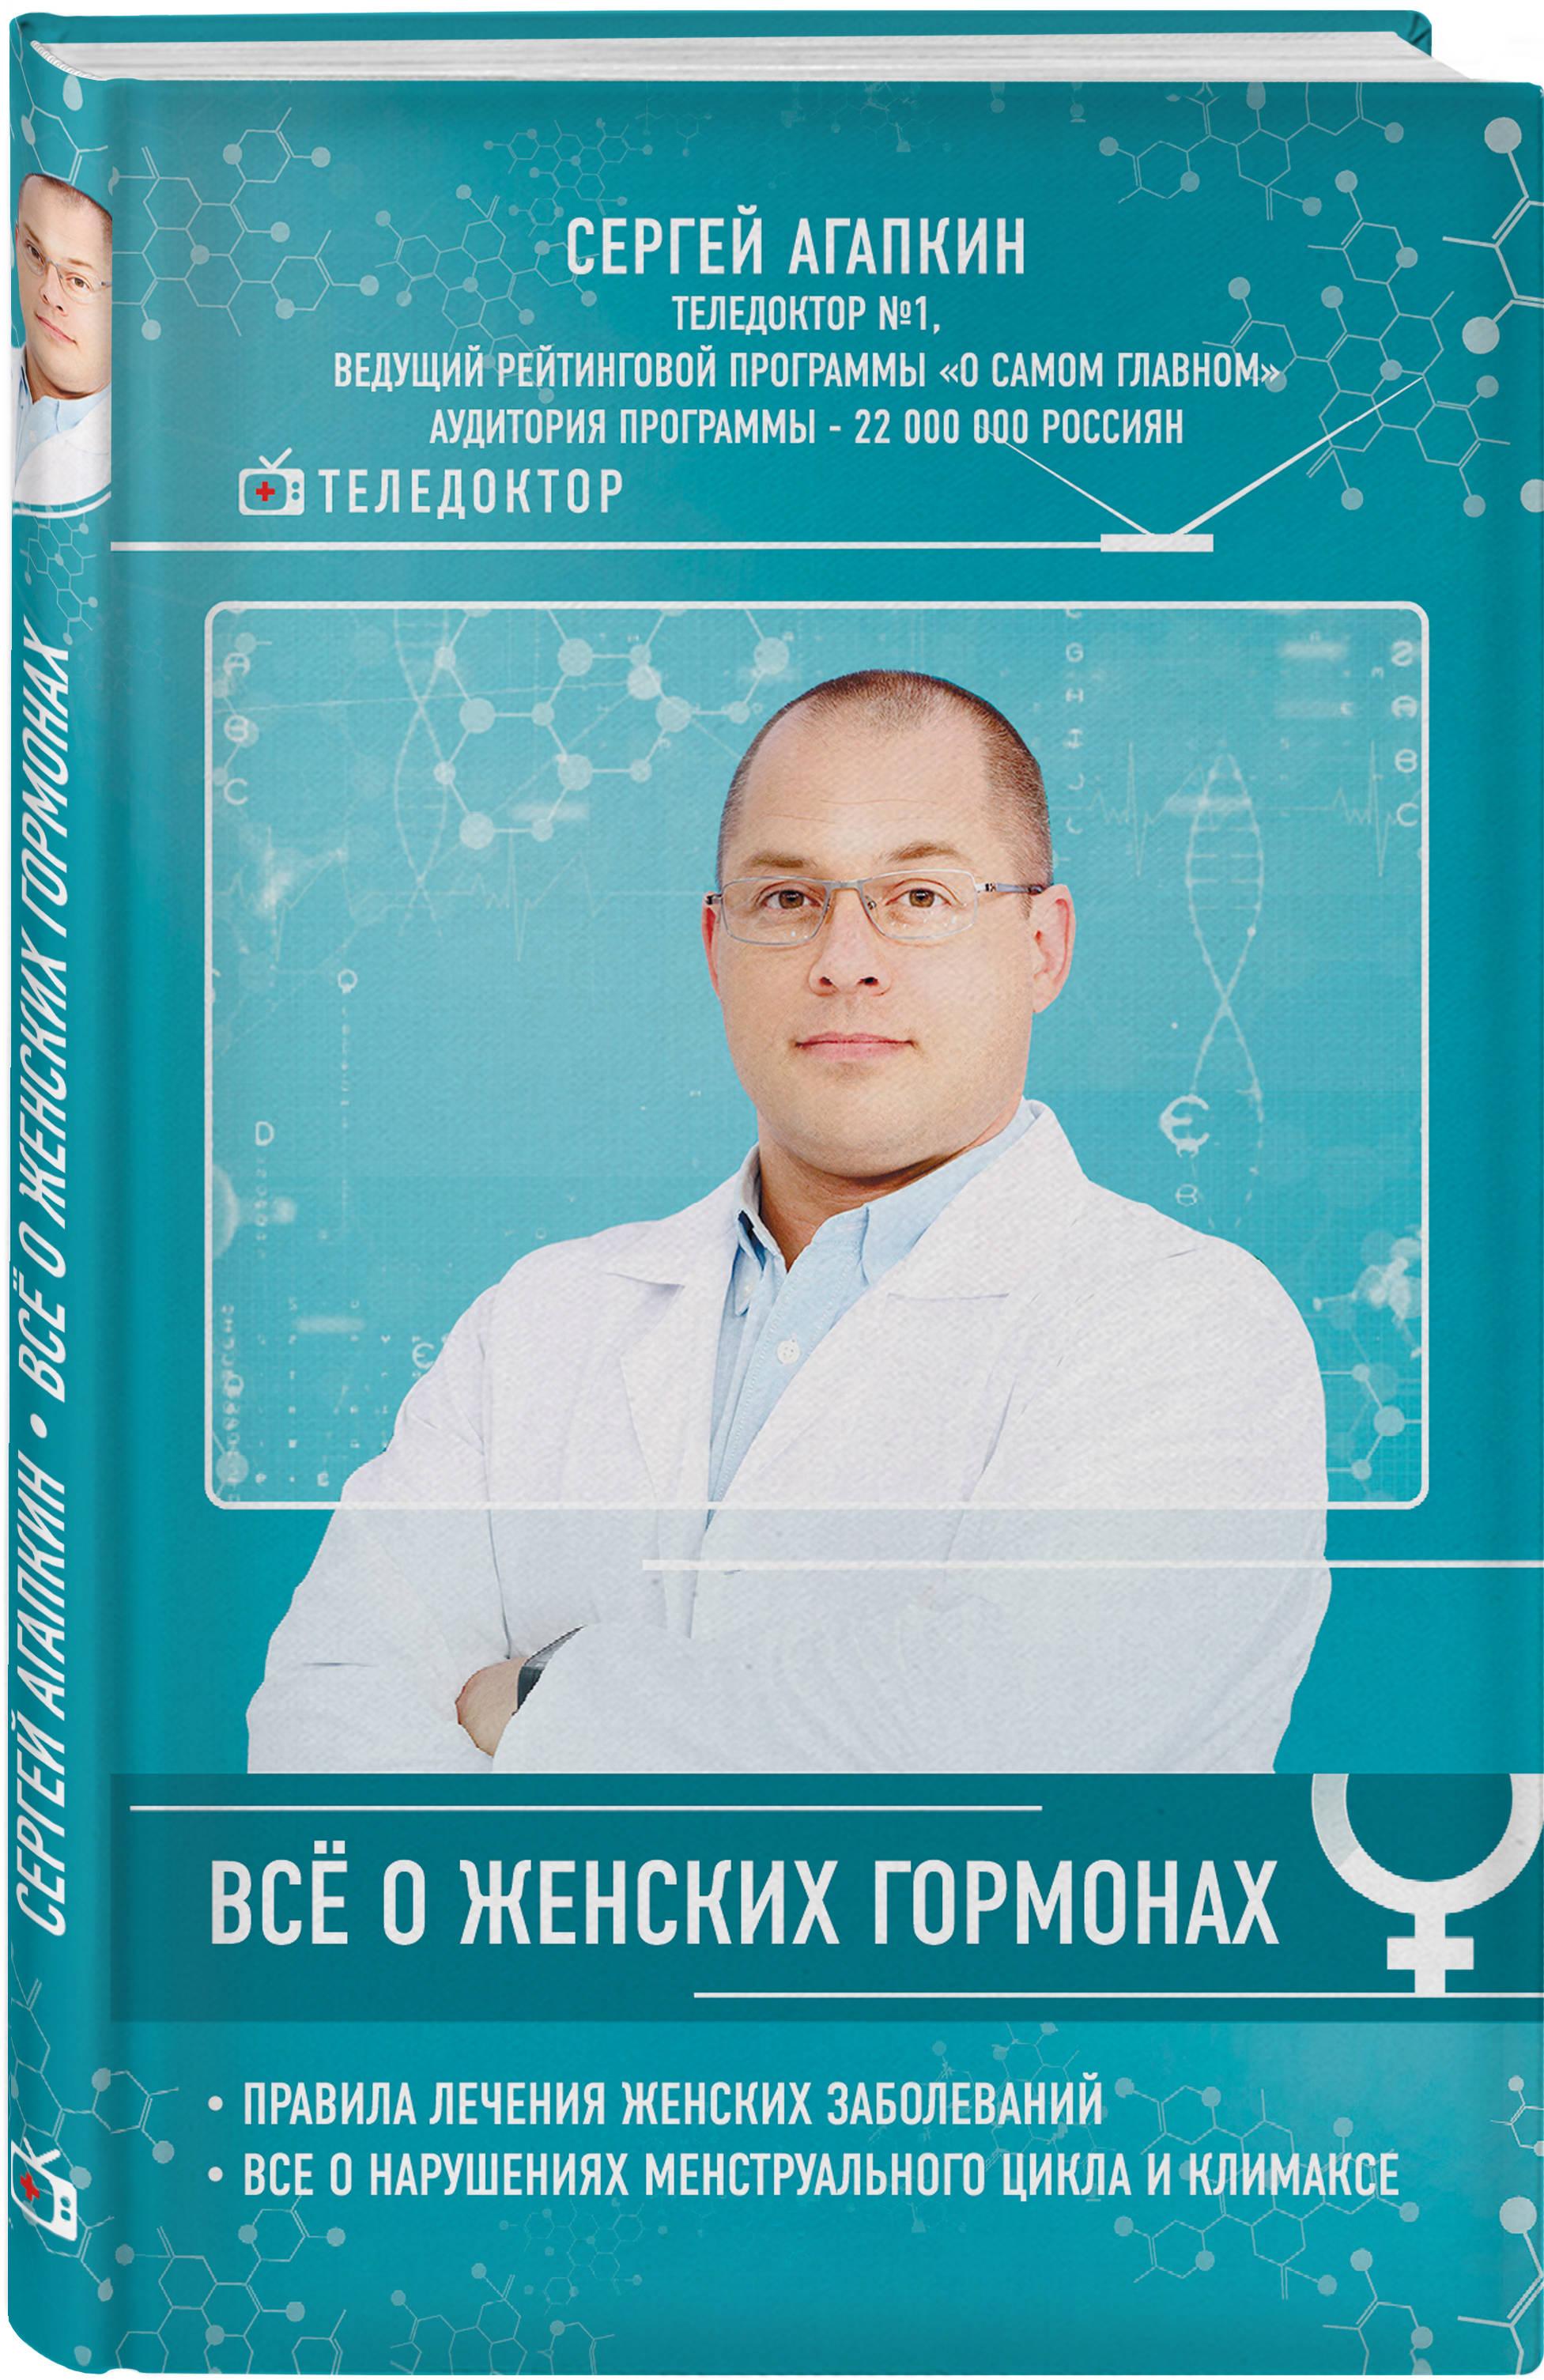 Всё о женских гормонах ( Сергей Агапкин  )